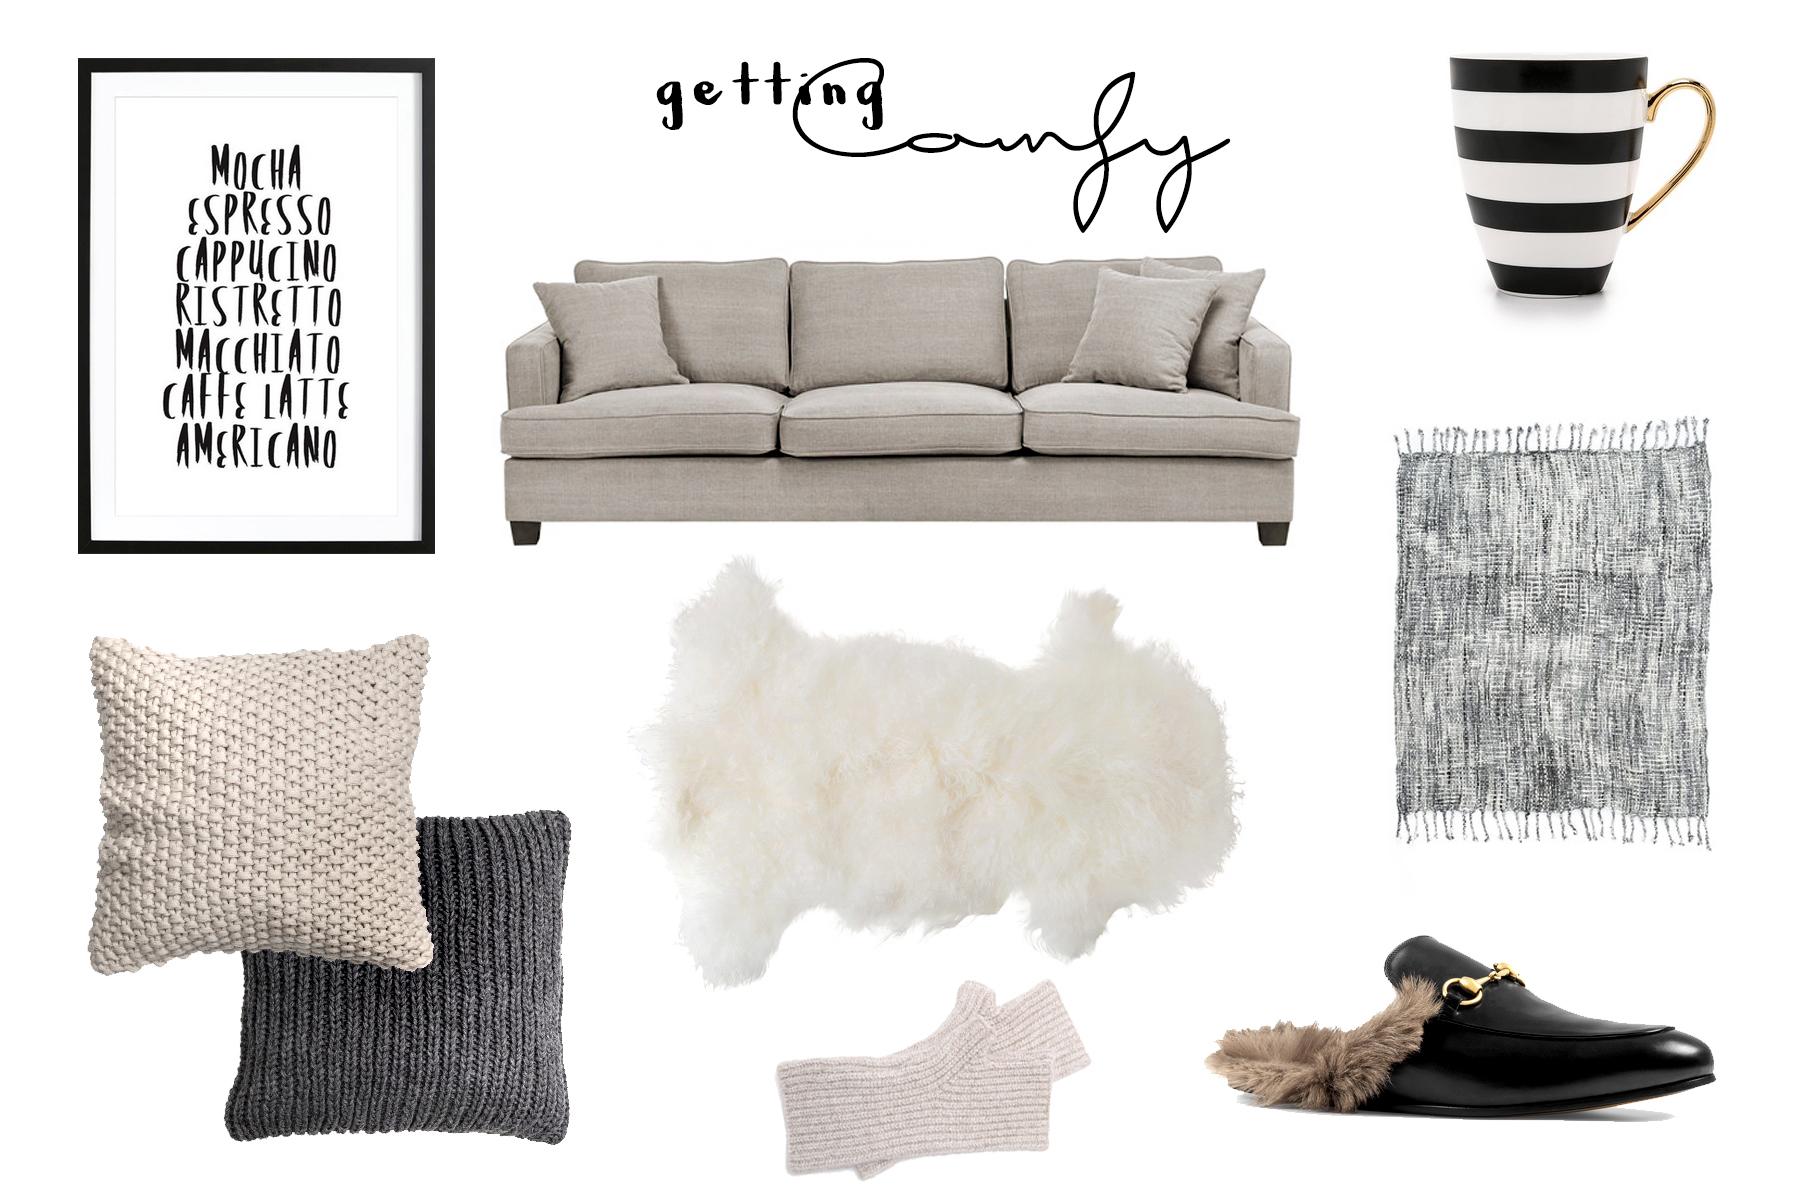 interior decor home inspiration dekoration einrichtung möbel sofa winter design lifestyle homestyle cats & dogs fashionblogger ricarda schernus blog berlin hannover 1